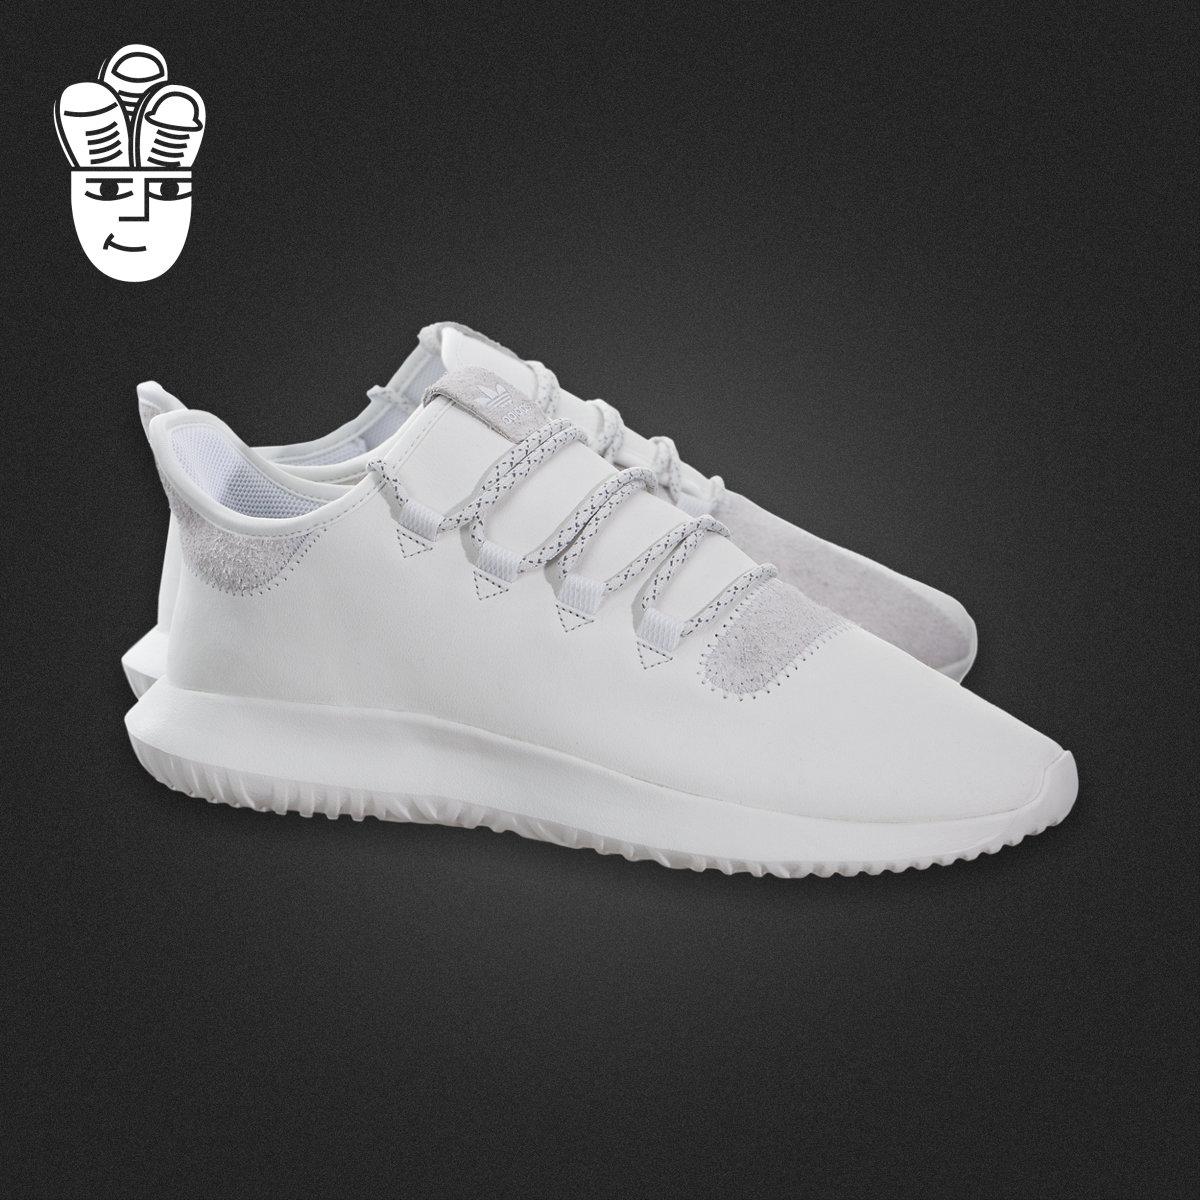 adidas - schuhe von schatten männer mode casual schuhen klein